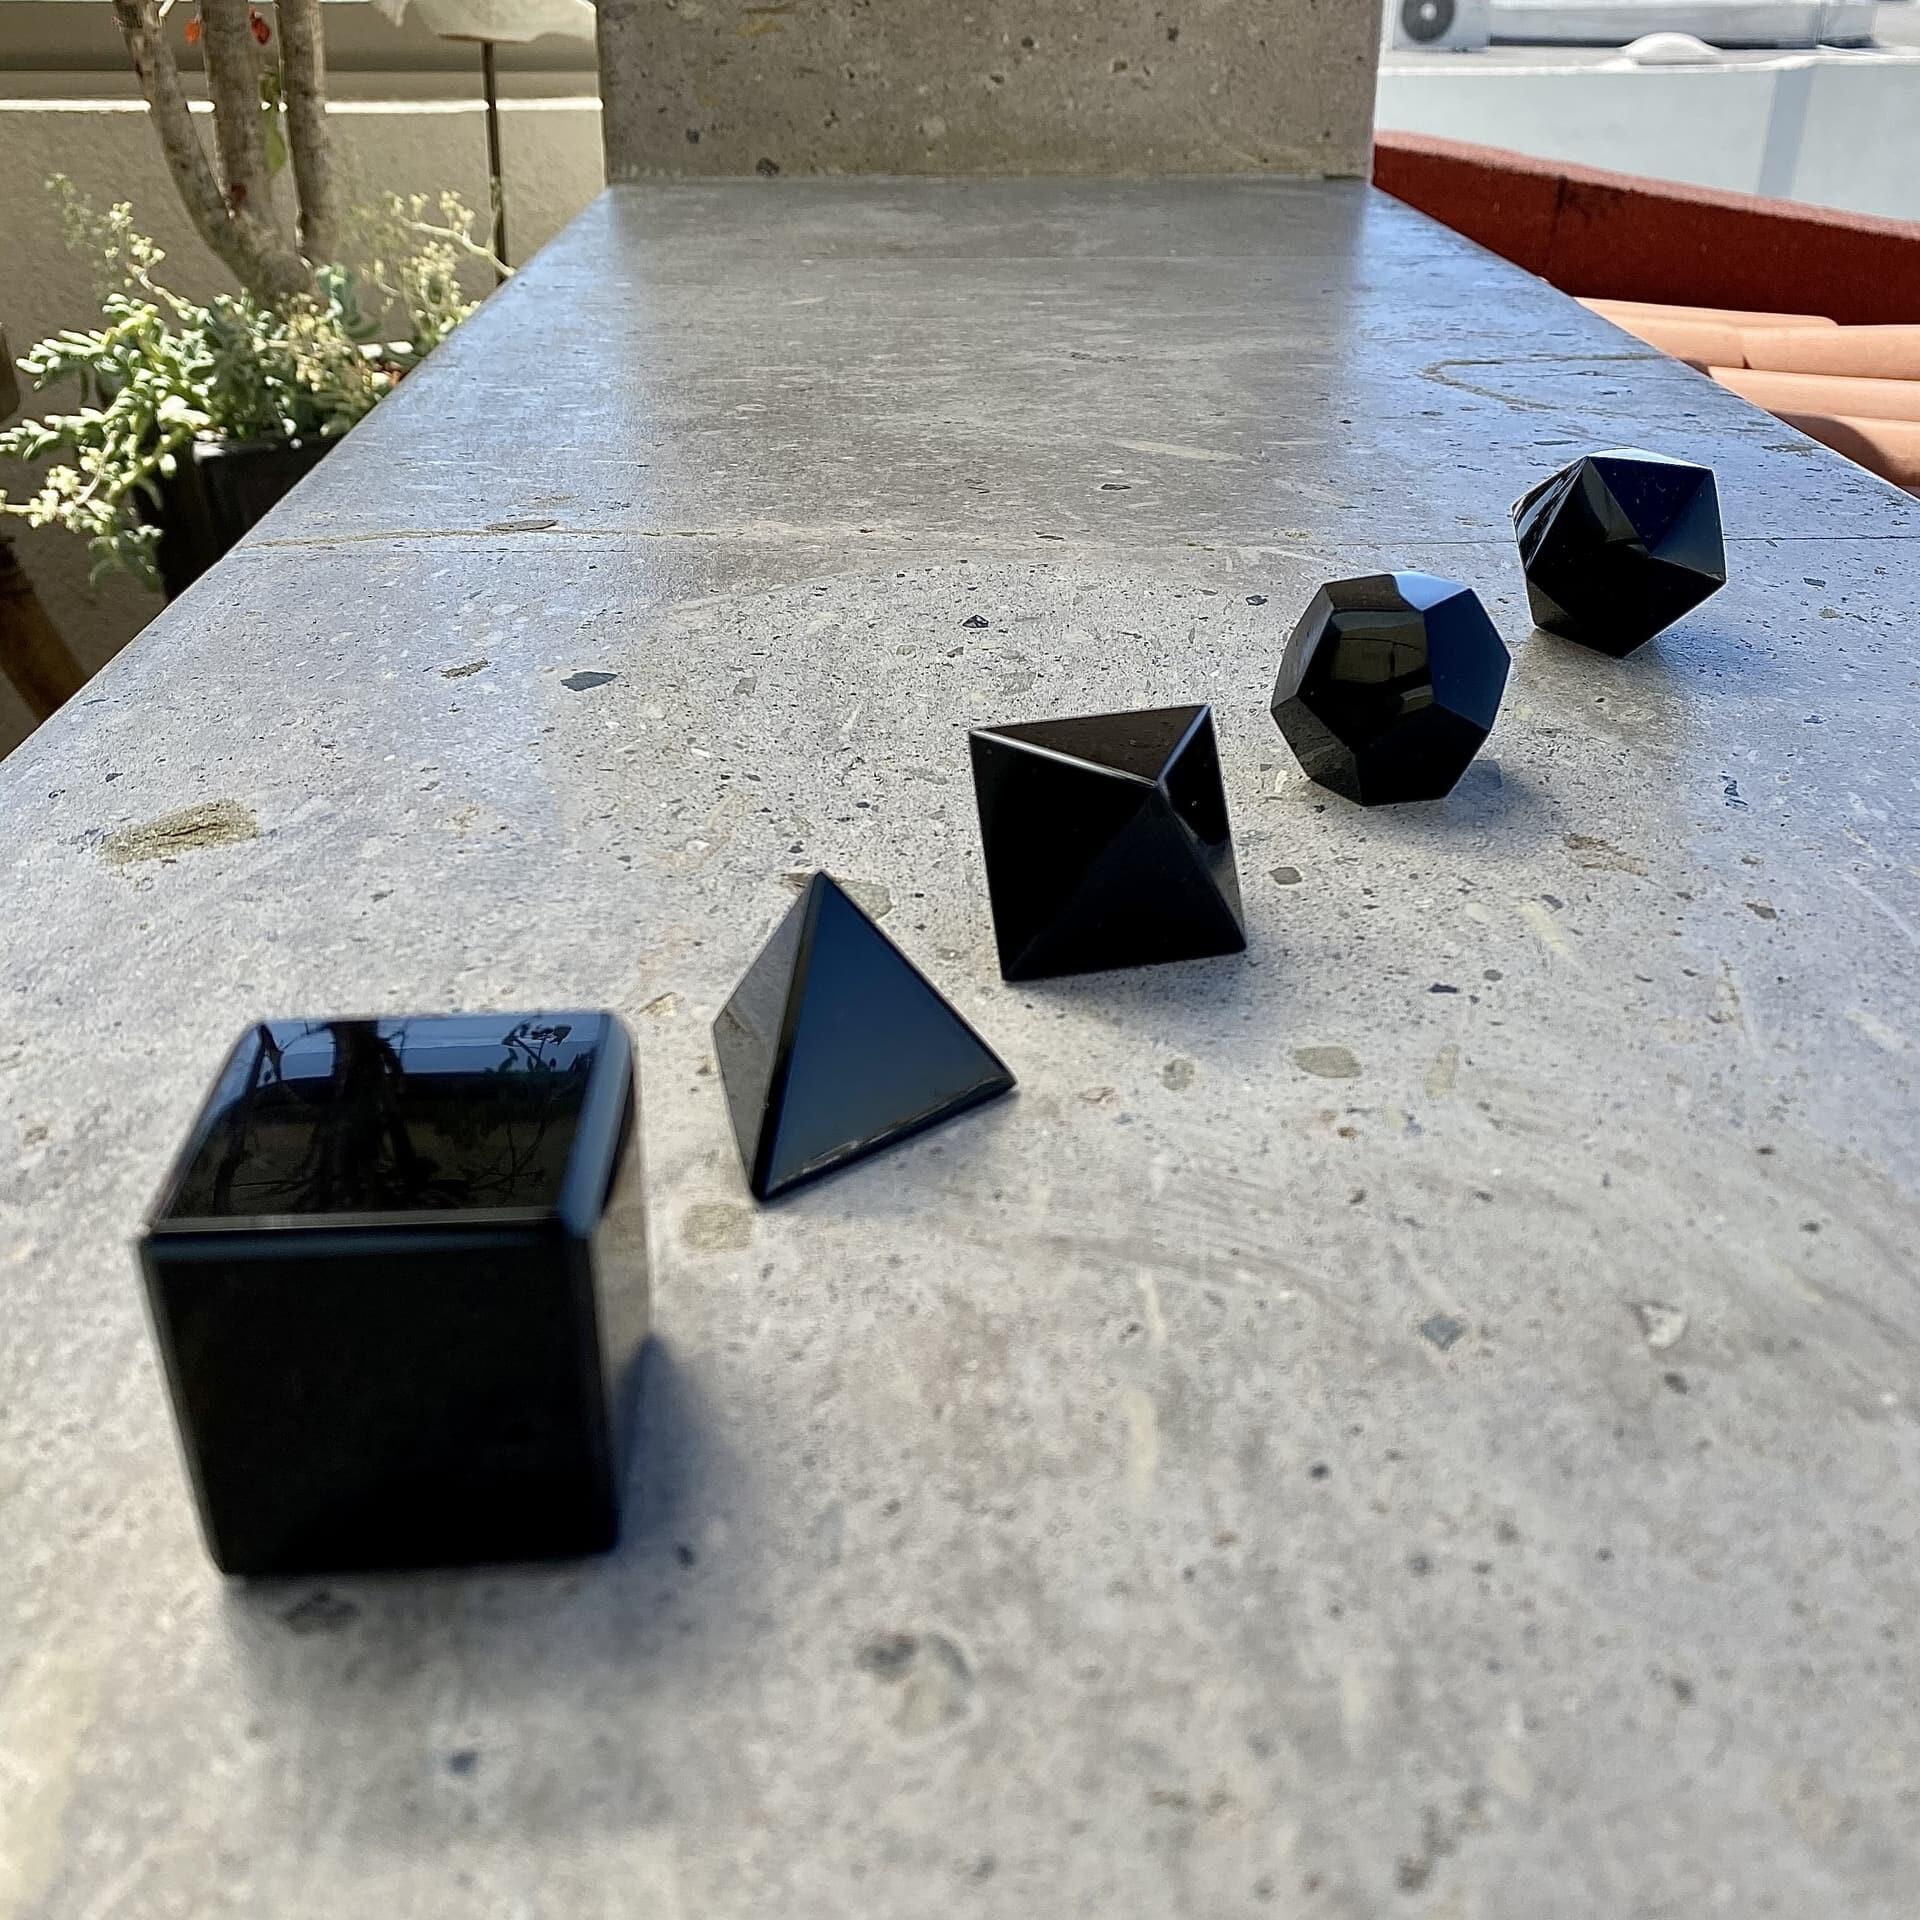 Solidos platonicos artesanales de obsidiana OSAYA